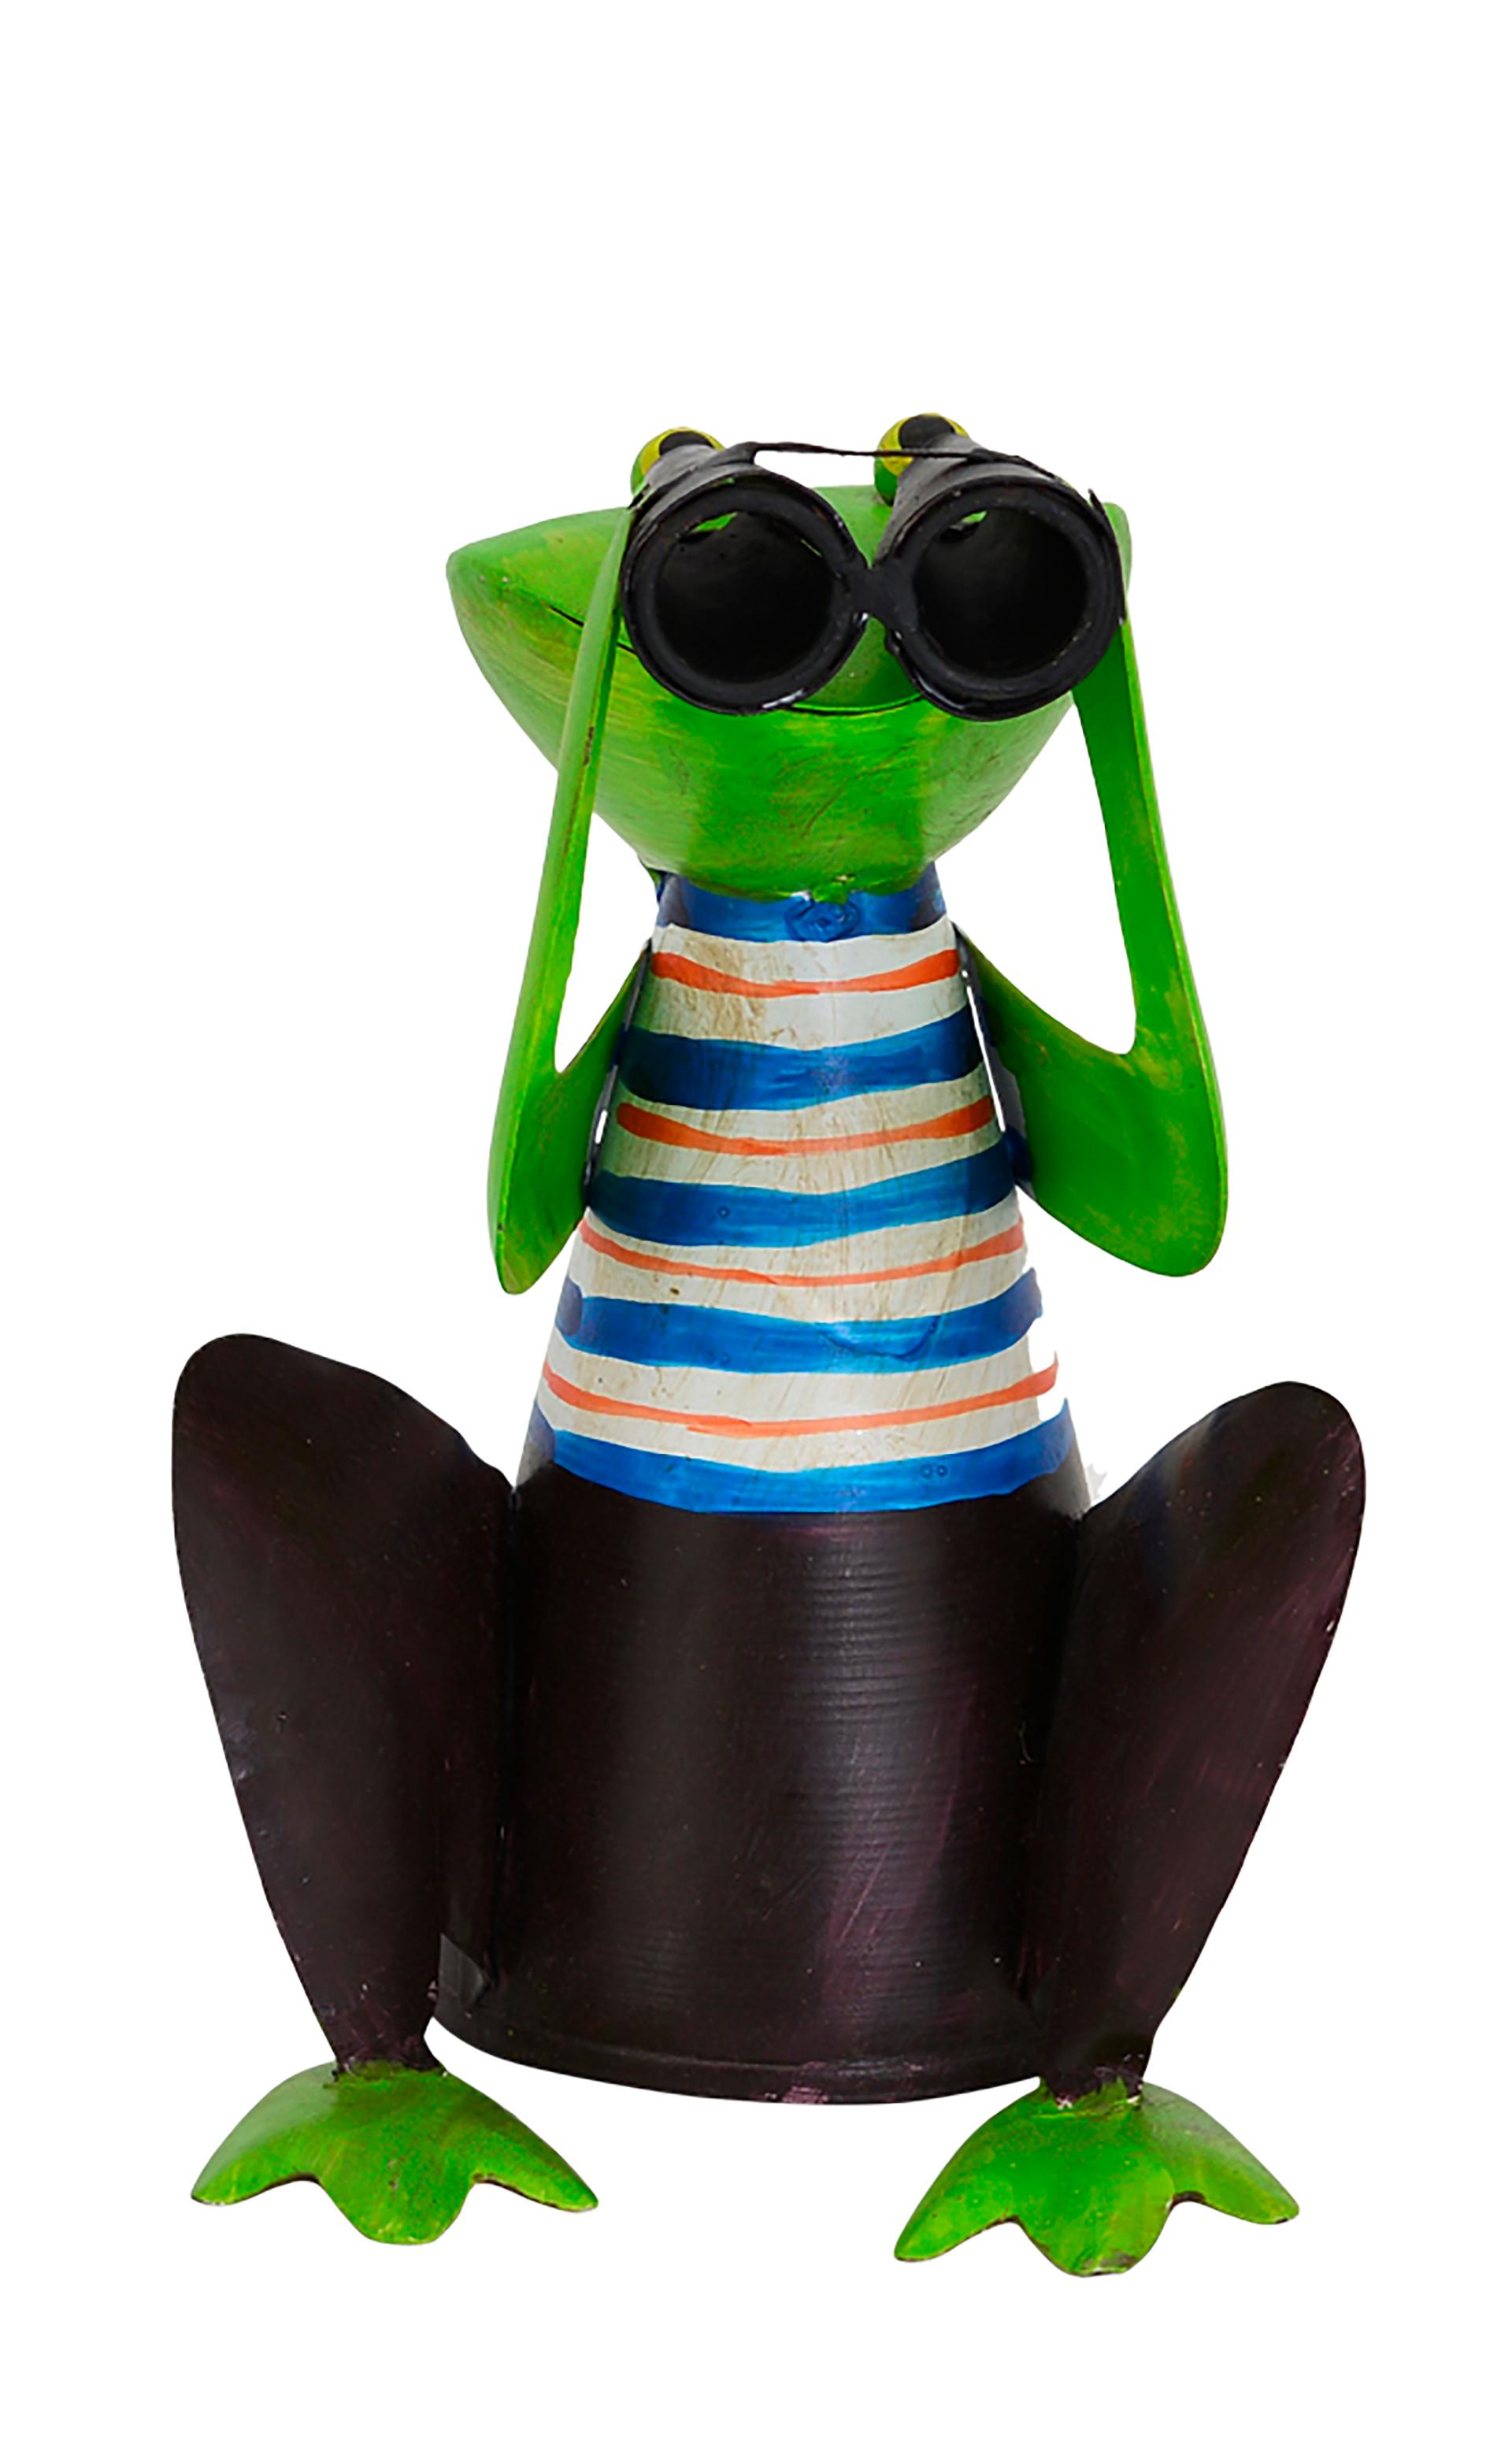 Zaunhocker Frosch hockend mit Fernglas, Streifen blau